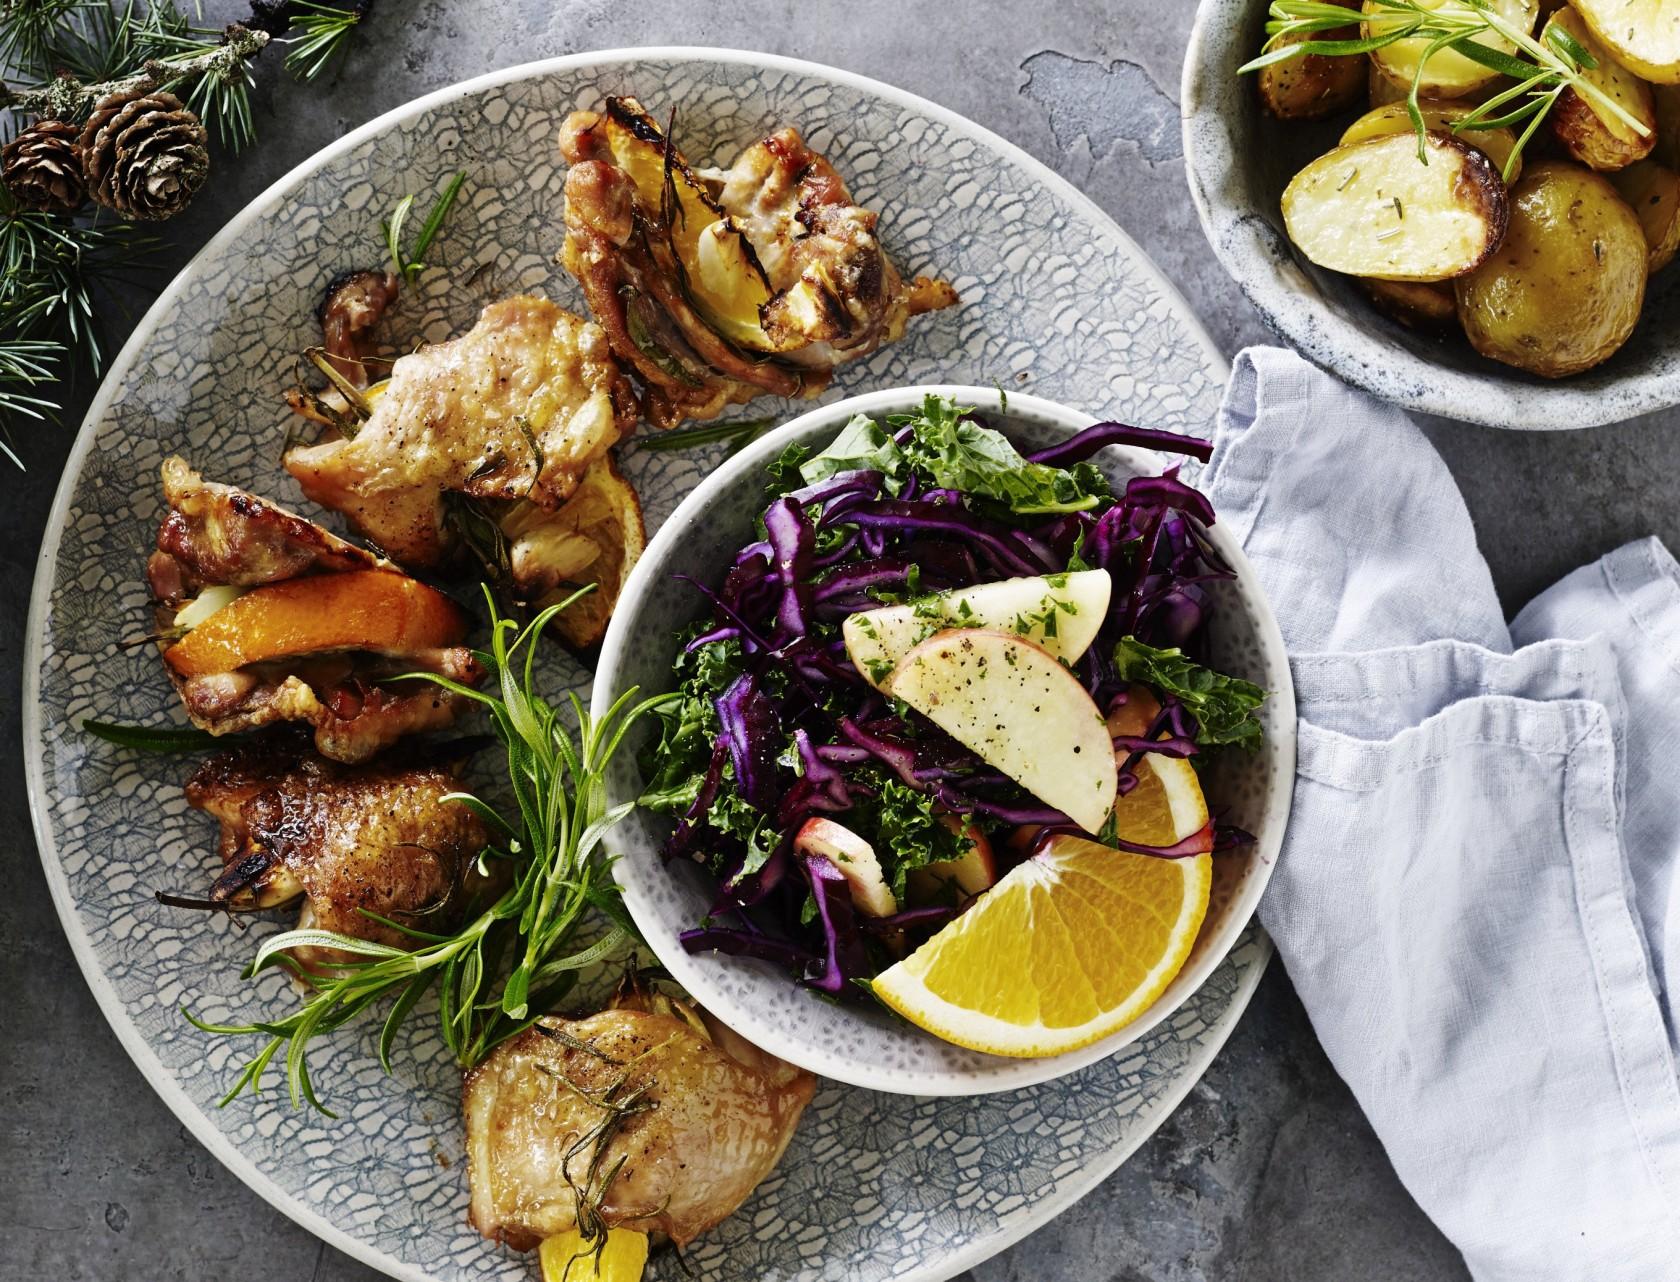 Kyllingelår med kålsalat og ovnstegte kartofler - nem og lækker opskrift på hverdagsmad til juletiden.